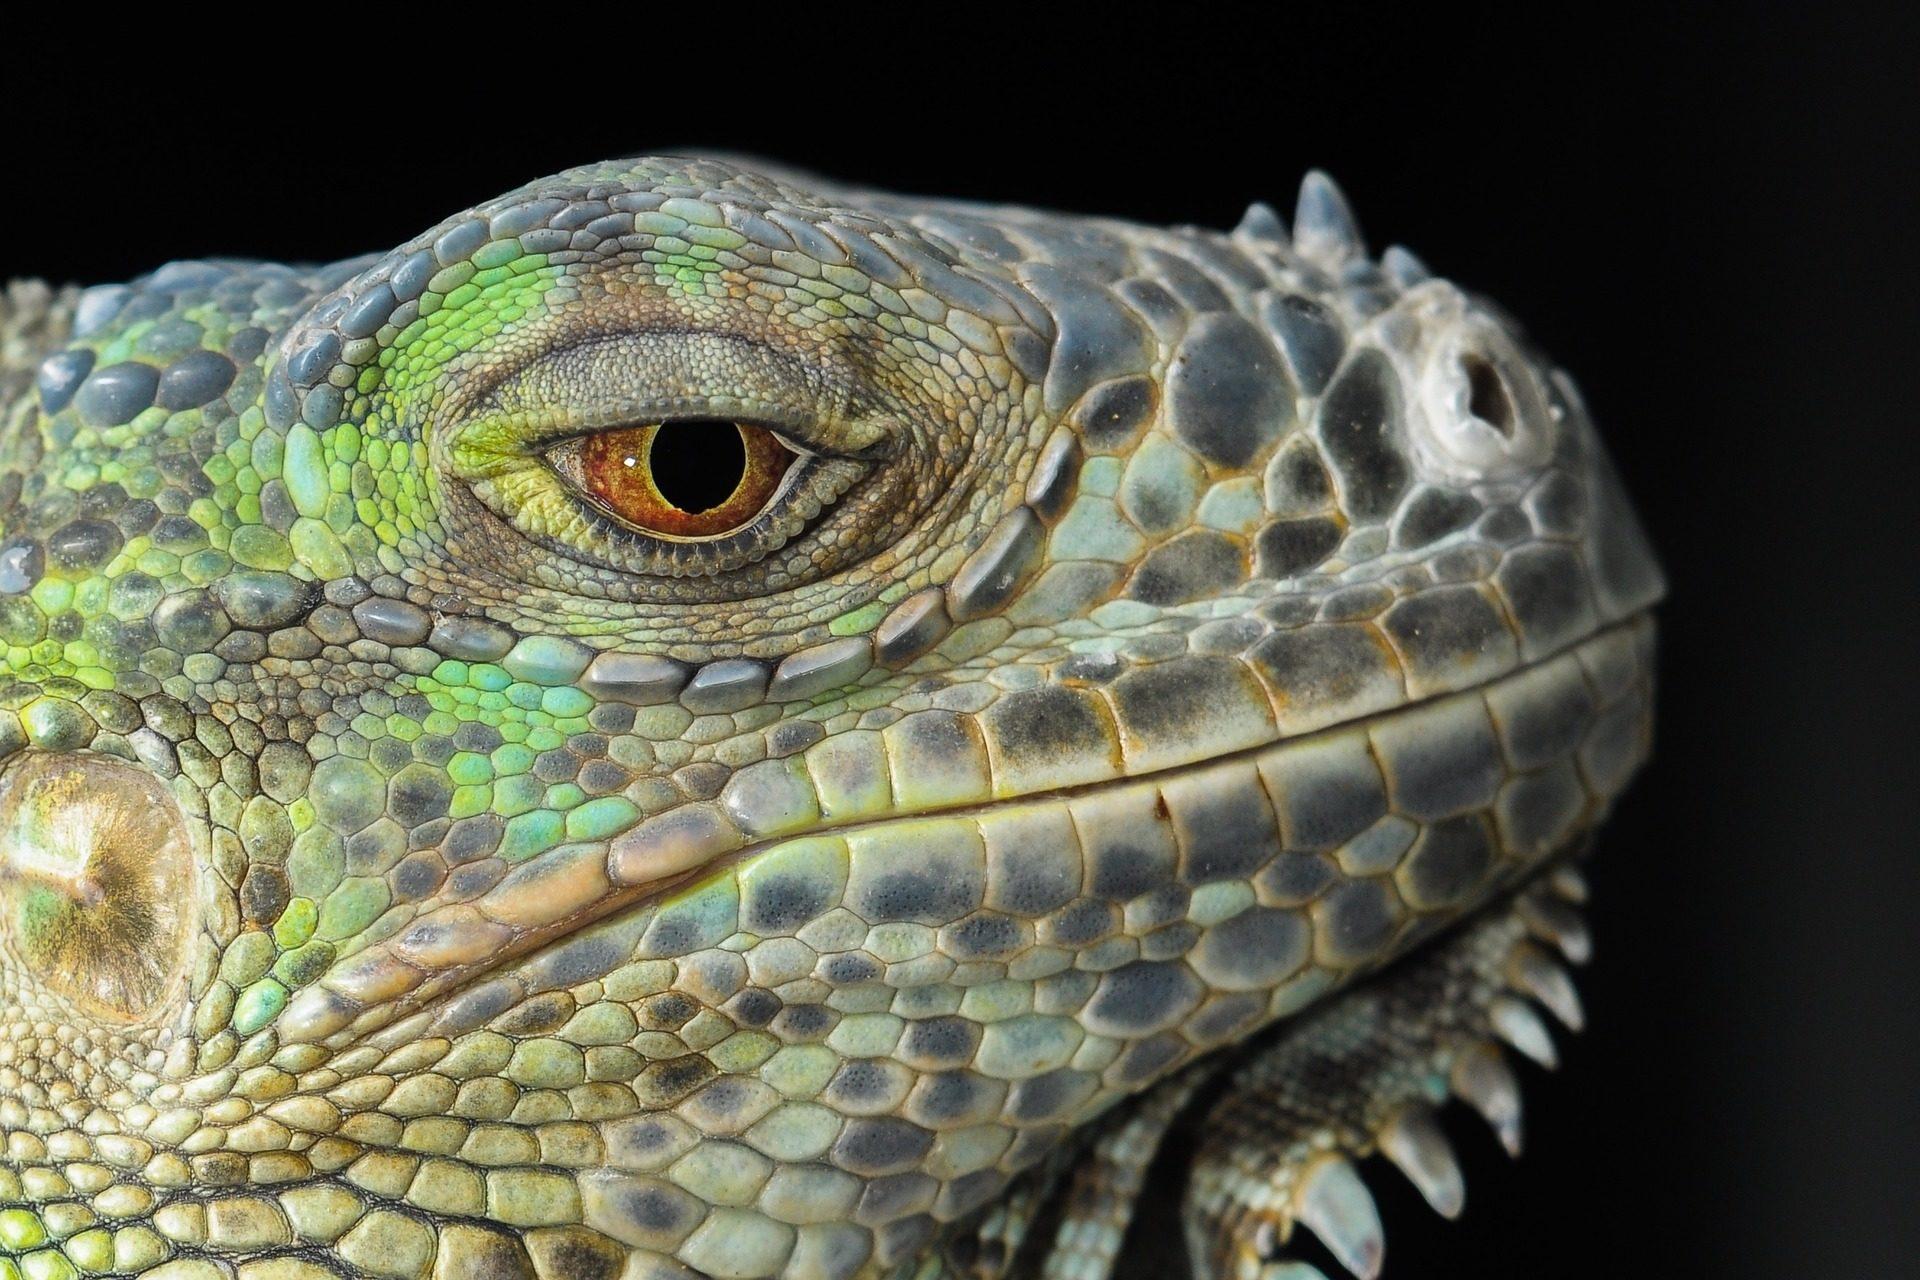 蜥蜴, 鬣蜥, 爬行动物, 龙, 眼睛 - 高清壁纸 - 教授-falken.com